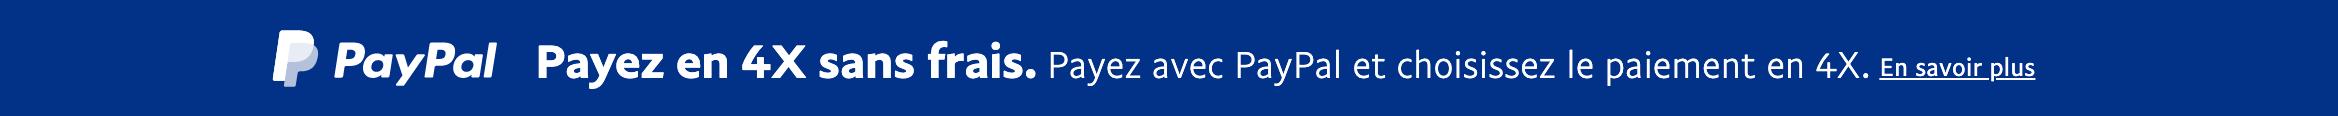 Pay later messaging flex 20x1 blue